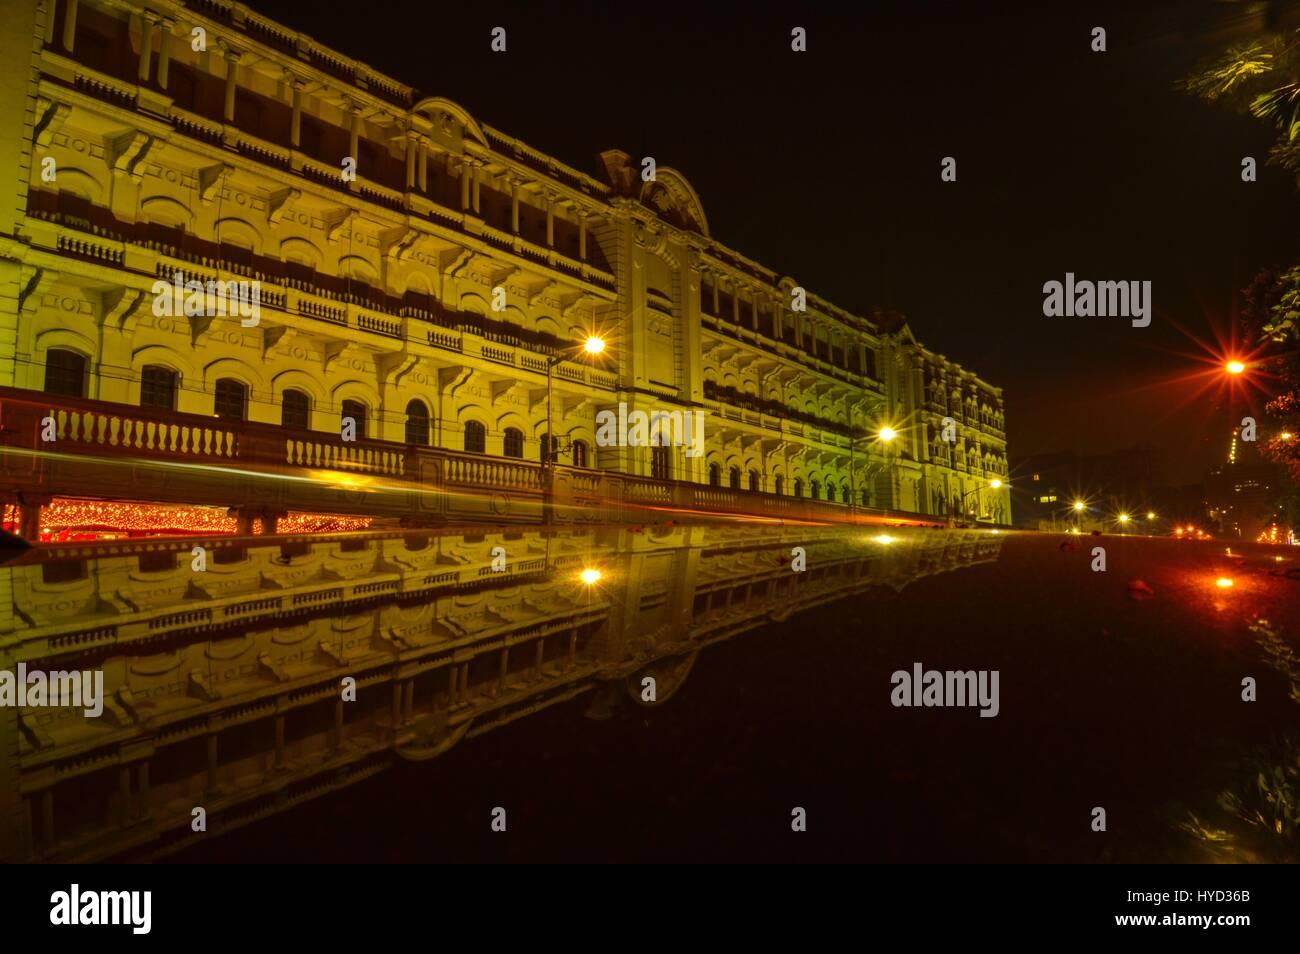 Tranche de l'architecture britannique à Kolkata, Inde Photo Stock